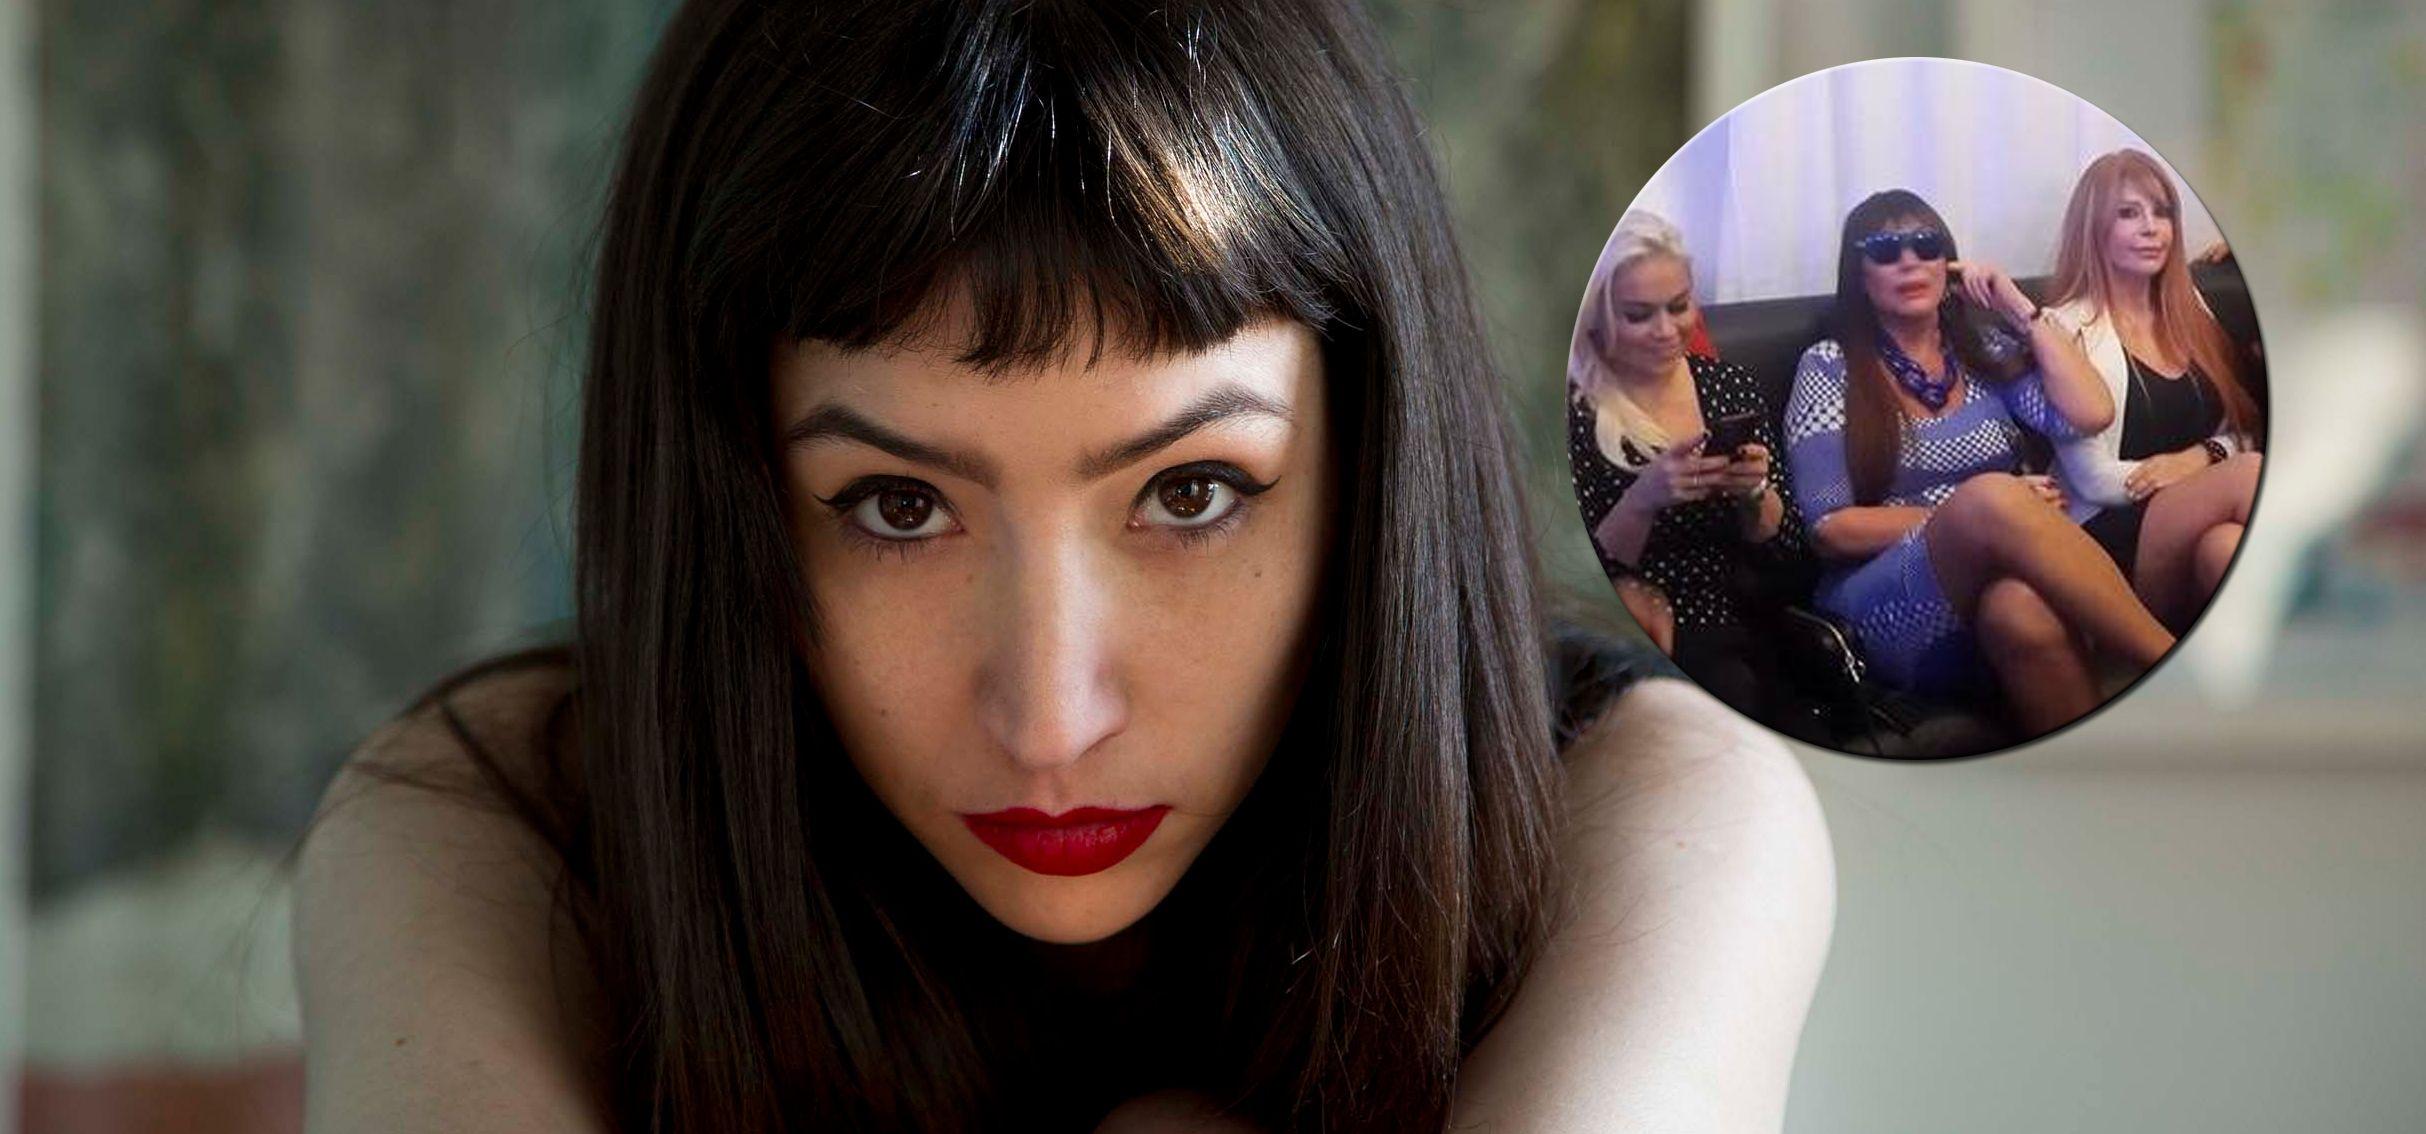 Catarata de insultos a Sofía Gala en Twitter por un comentario en la red social